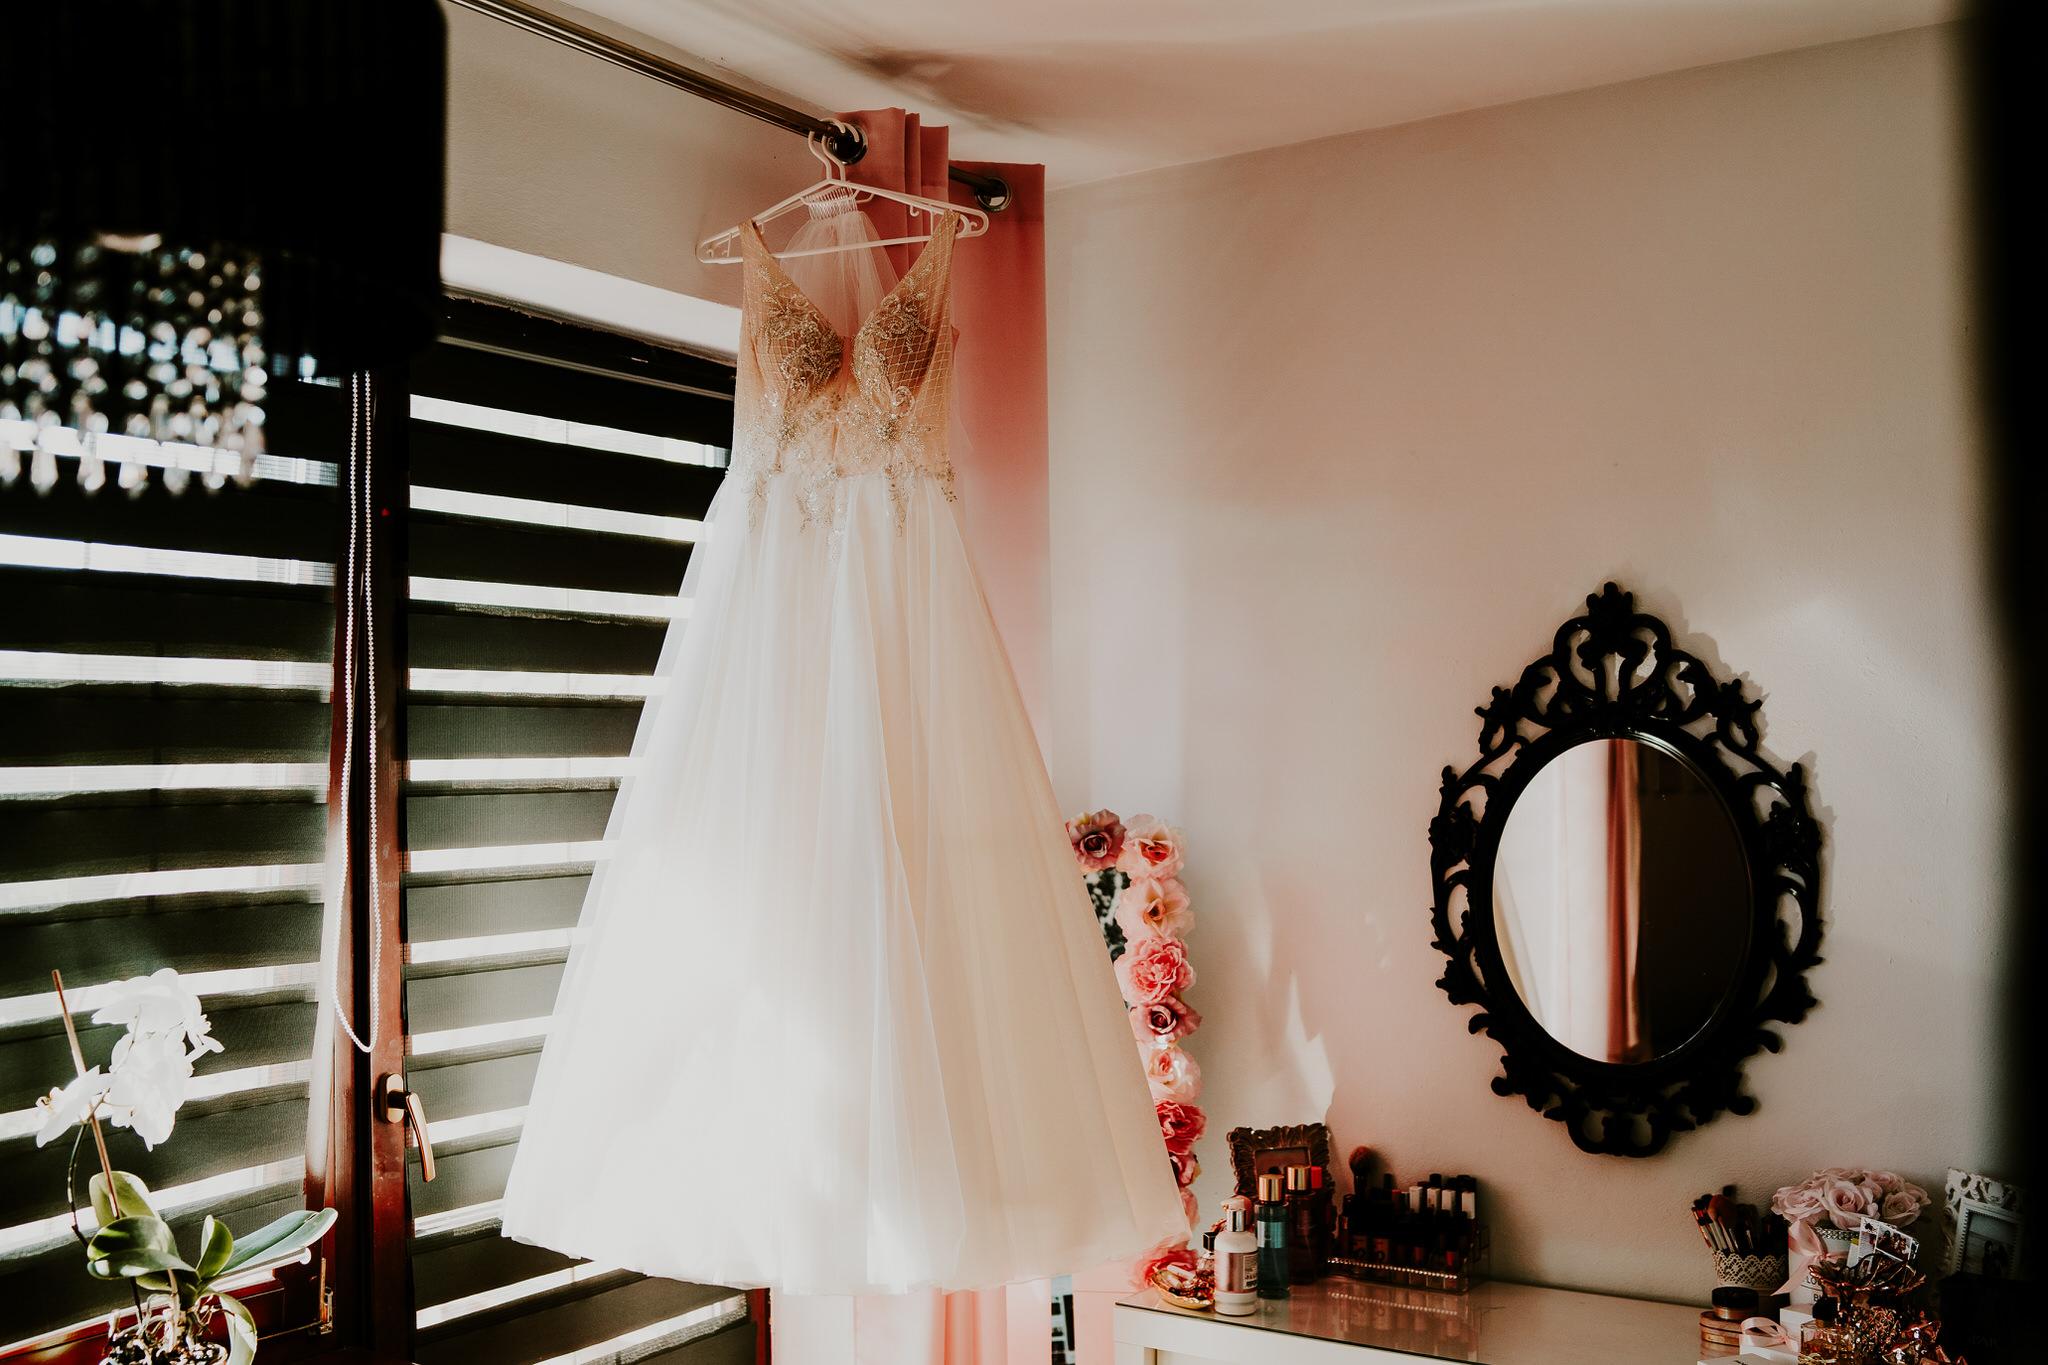 wesele paradis iga damian 36 - Wesele w stylu glamour | Lubartów | I+D | 04.09.2020